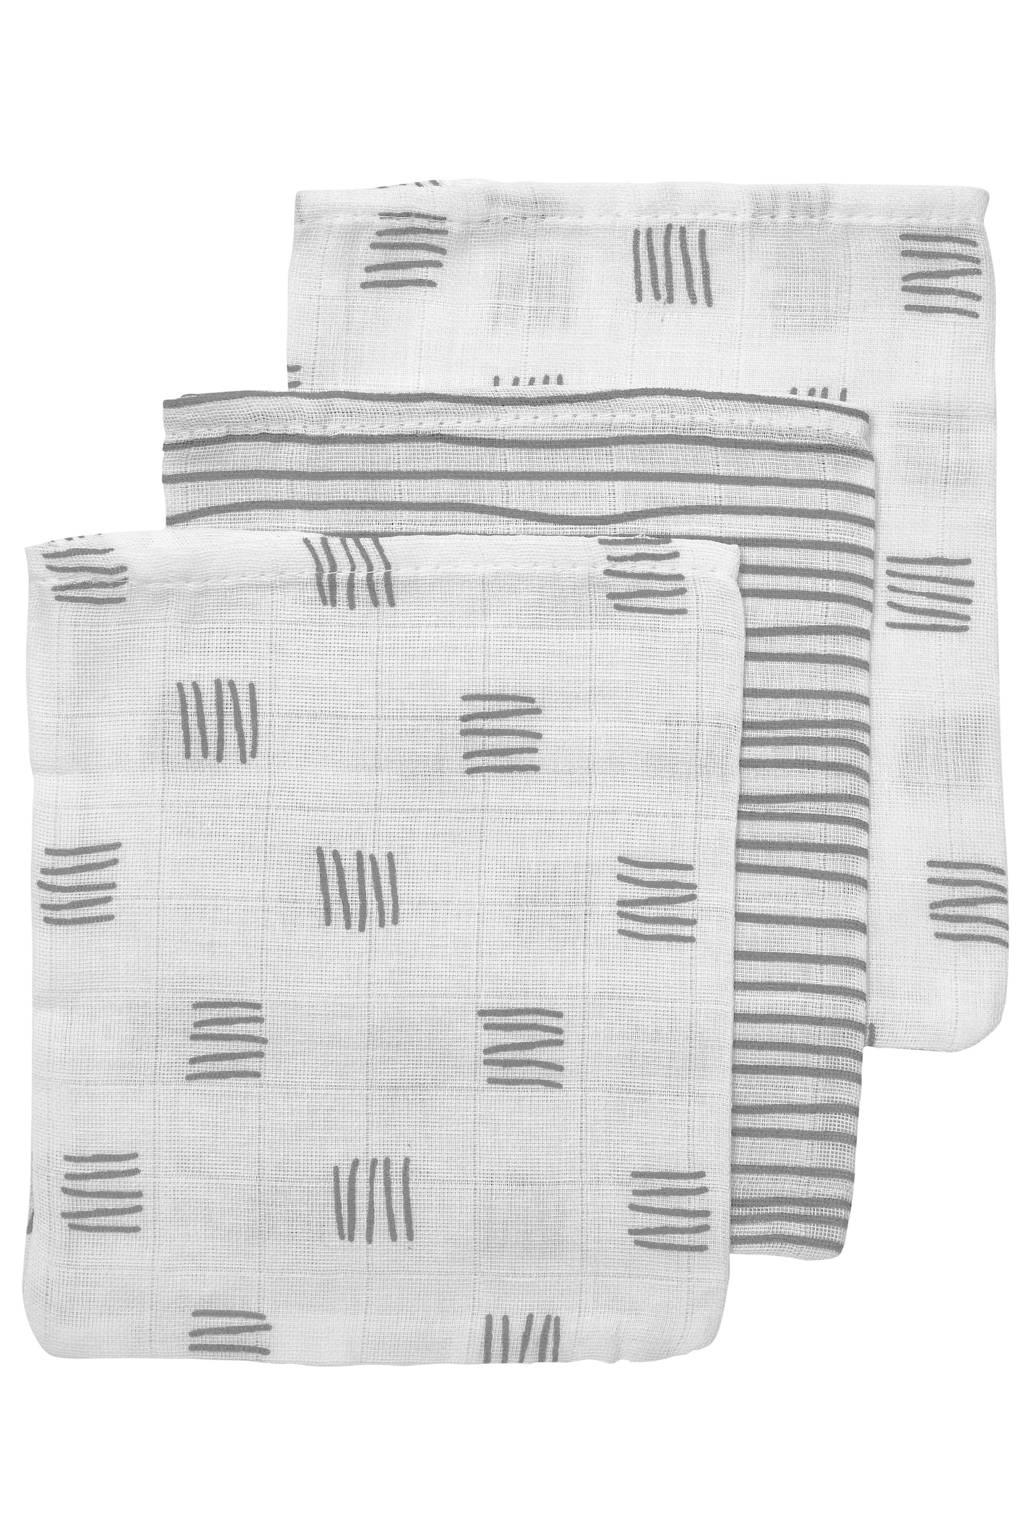 Meyco hydrofiel washandje - set van 3 Block stripe 17x20 cm grijs, Wit/grijs